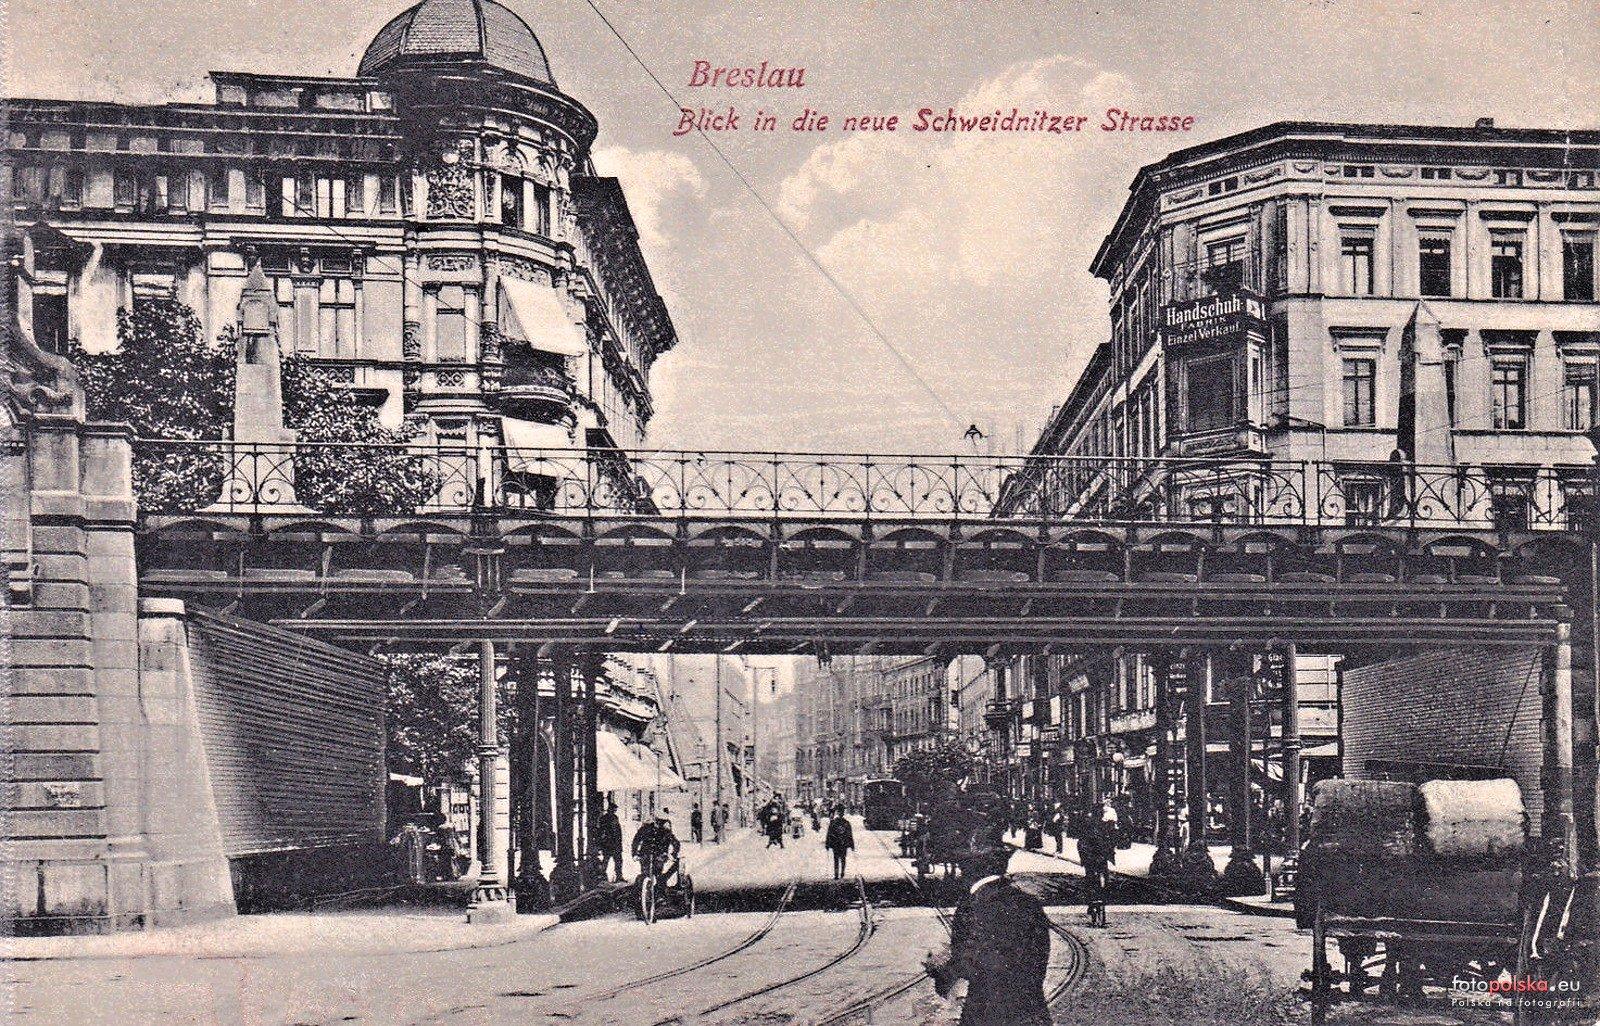 https://wroclaw.fotopolska.eu/foto/638/638834.jpg?m=1441917068